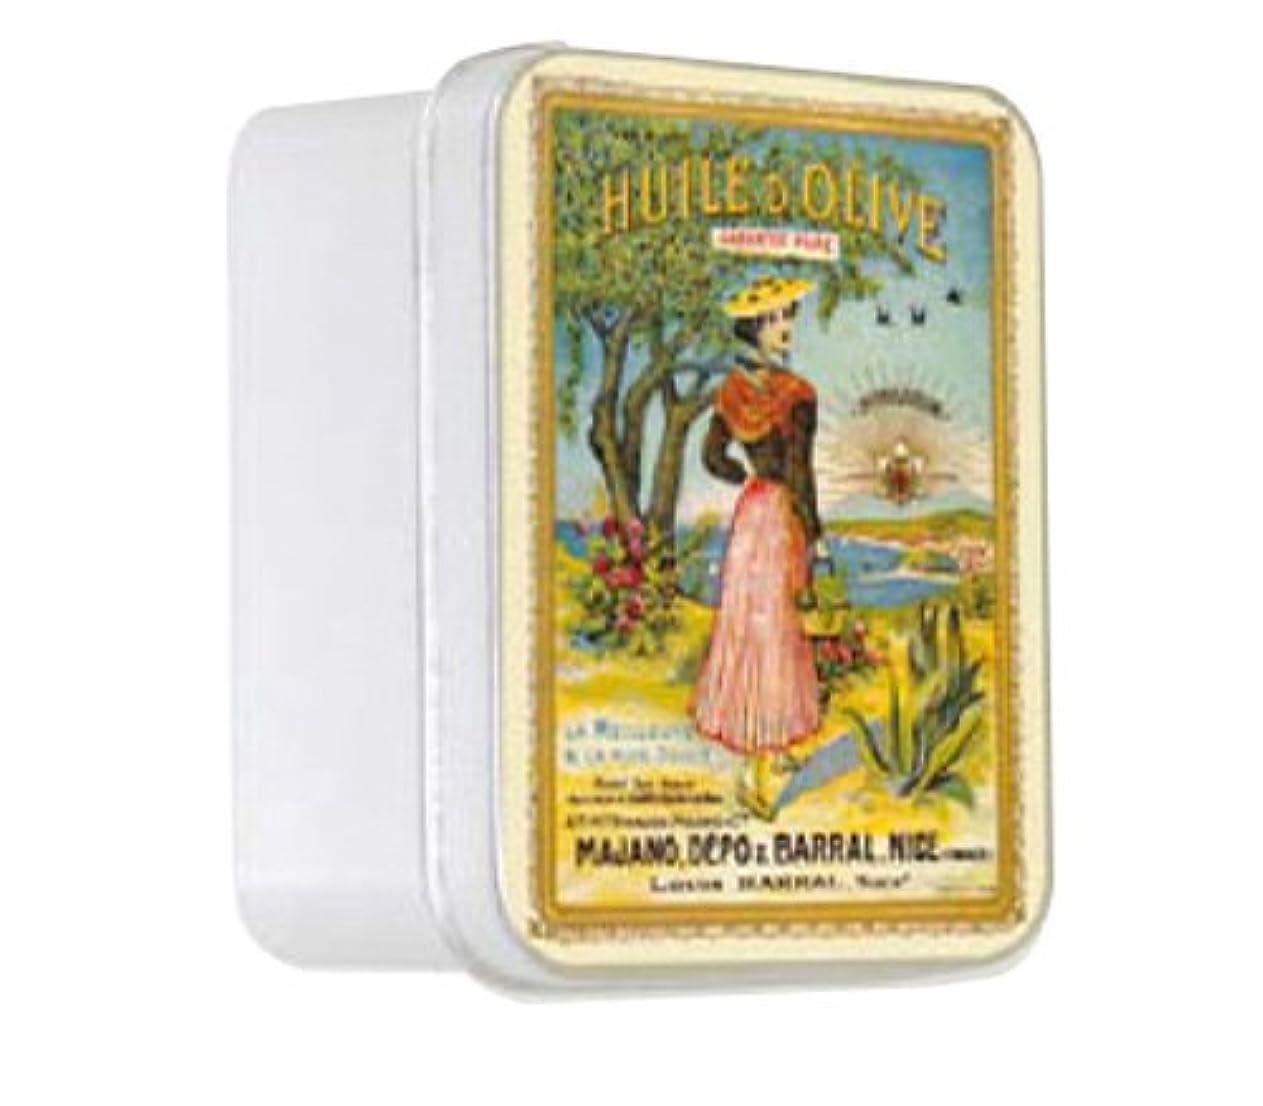 扱いやすい物質維持ルブランソープ メタルボックス(ラ ニソワーズ?オリーブの香り)石鹸